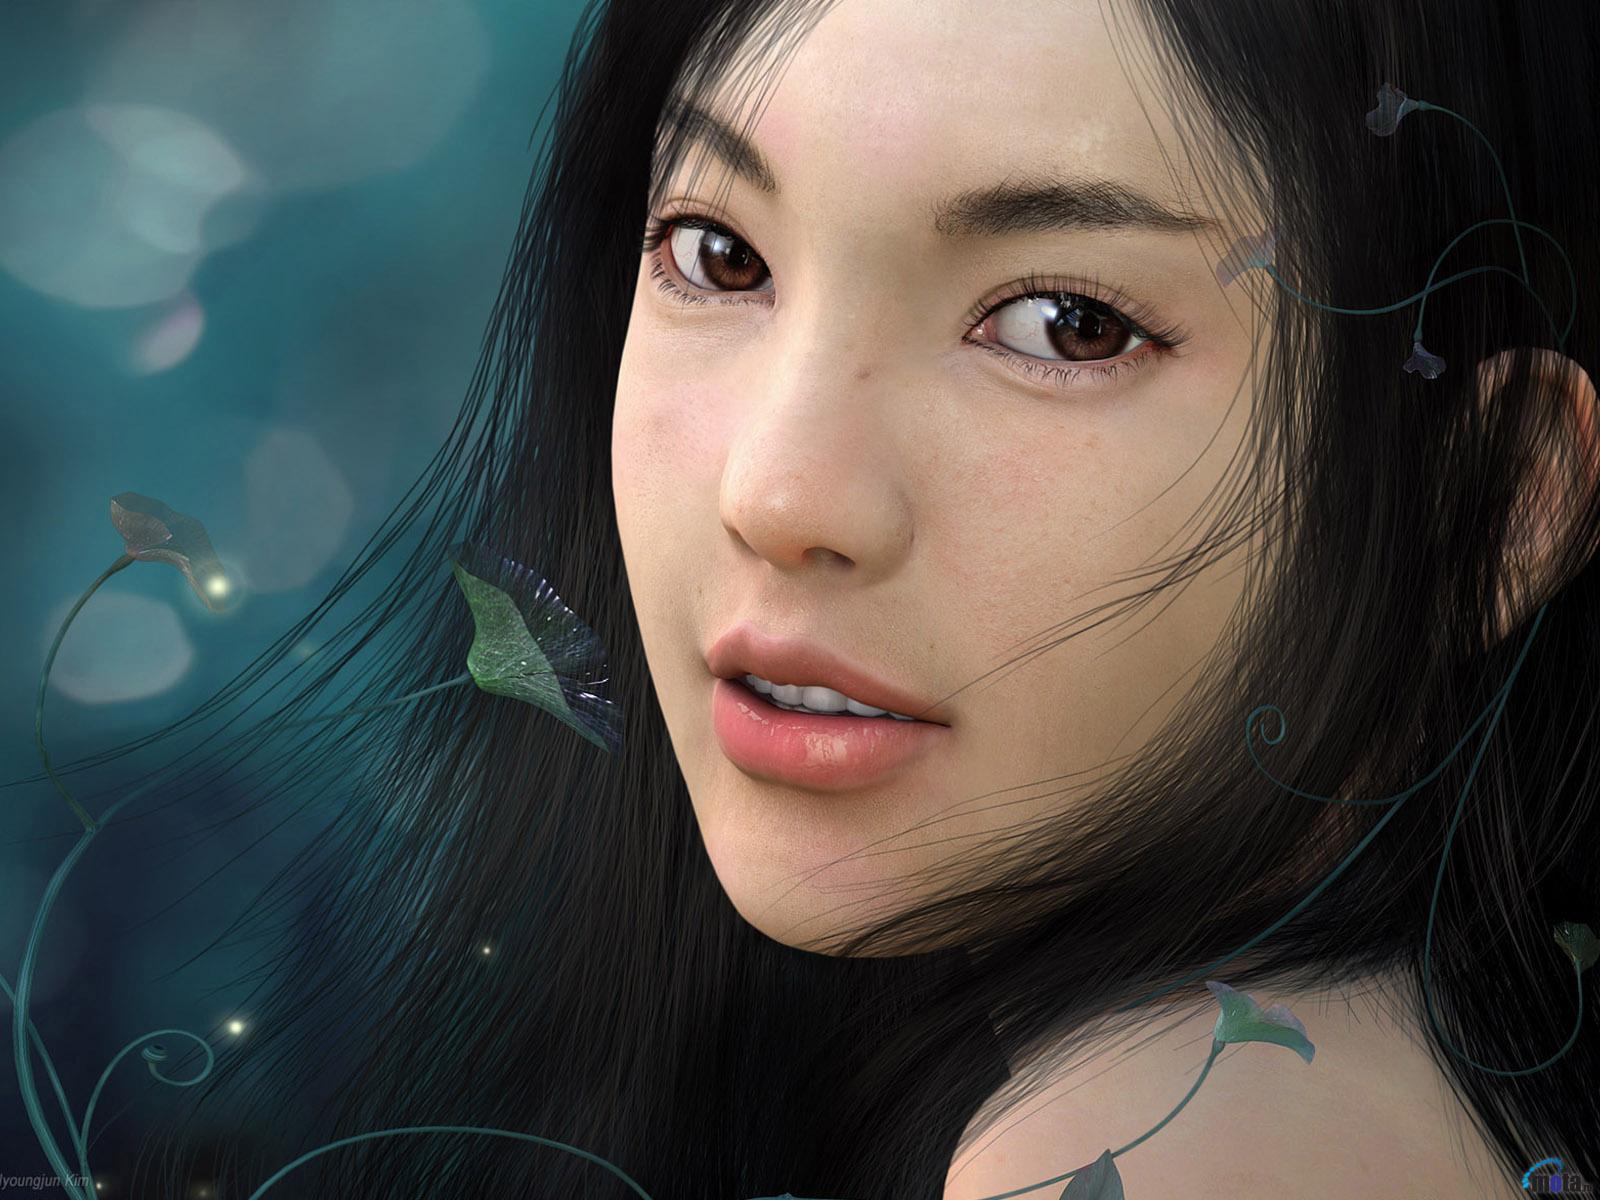 http://1.bp.blogspot.com/-3ILp66BIBIg/Tbz8E6SLgBI/AAAAAAAAAH8/7-RjMbDcvak/s1600/3D+anime+girl1.jpg